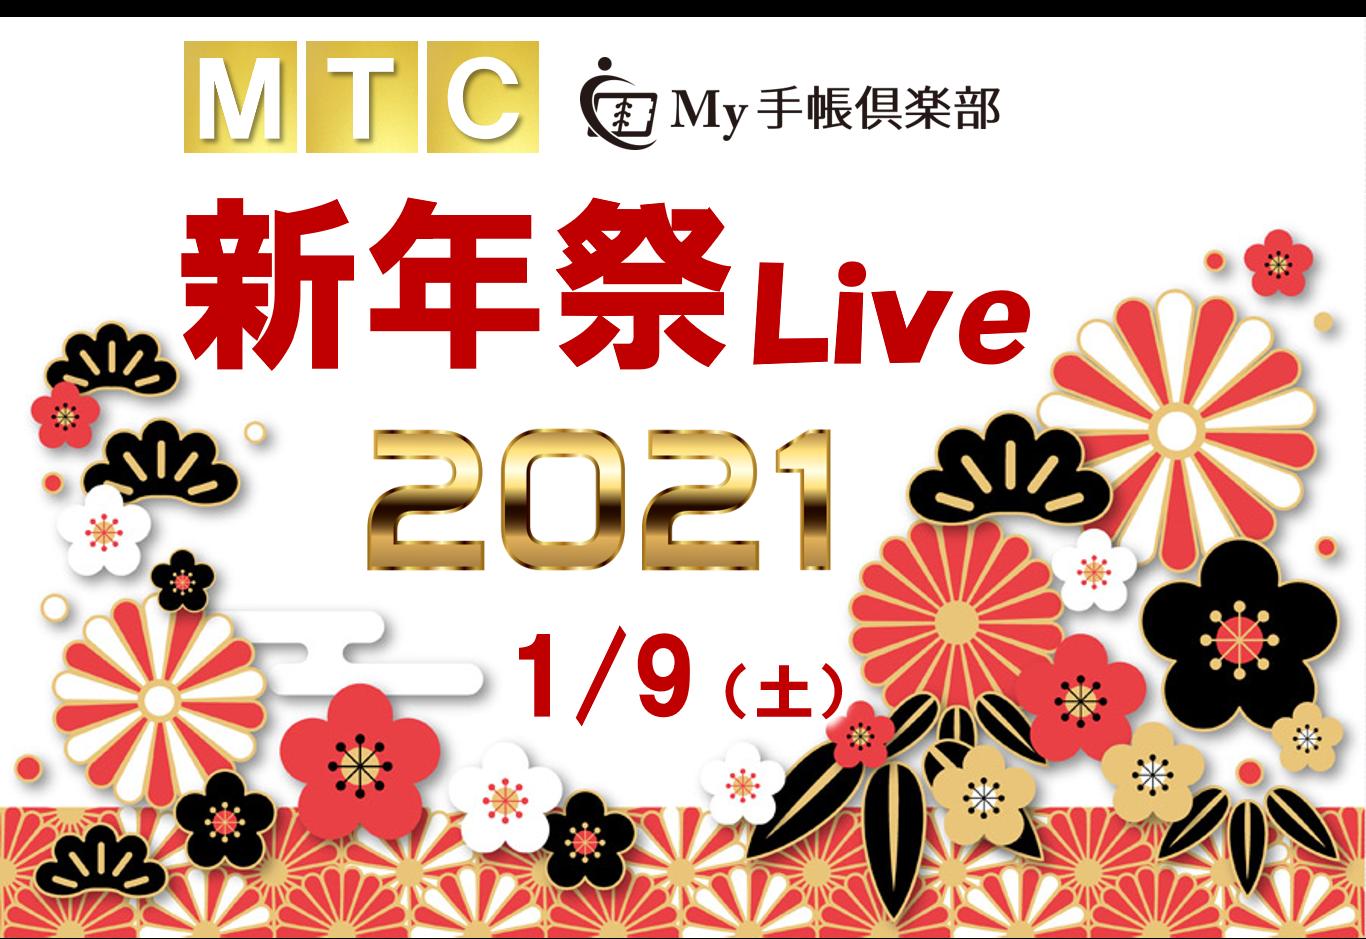 あの感動をもう一度!『MTC新年祭Live2021』収録動画